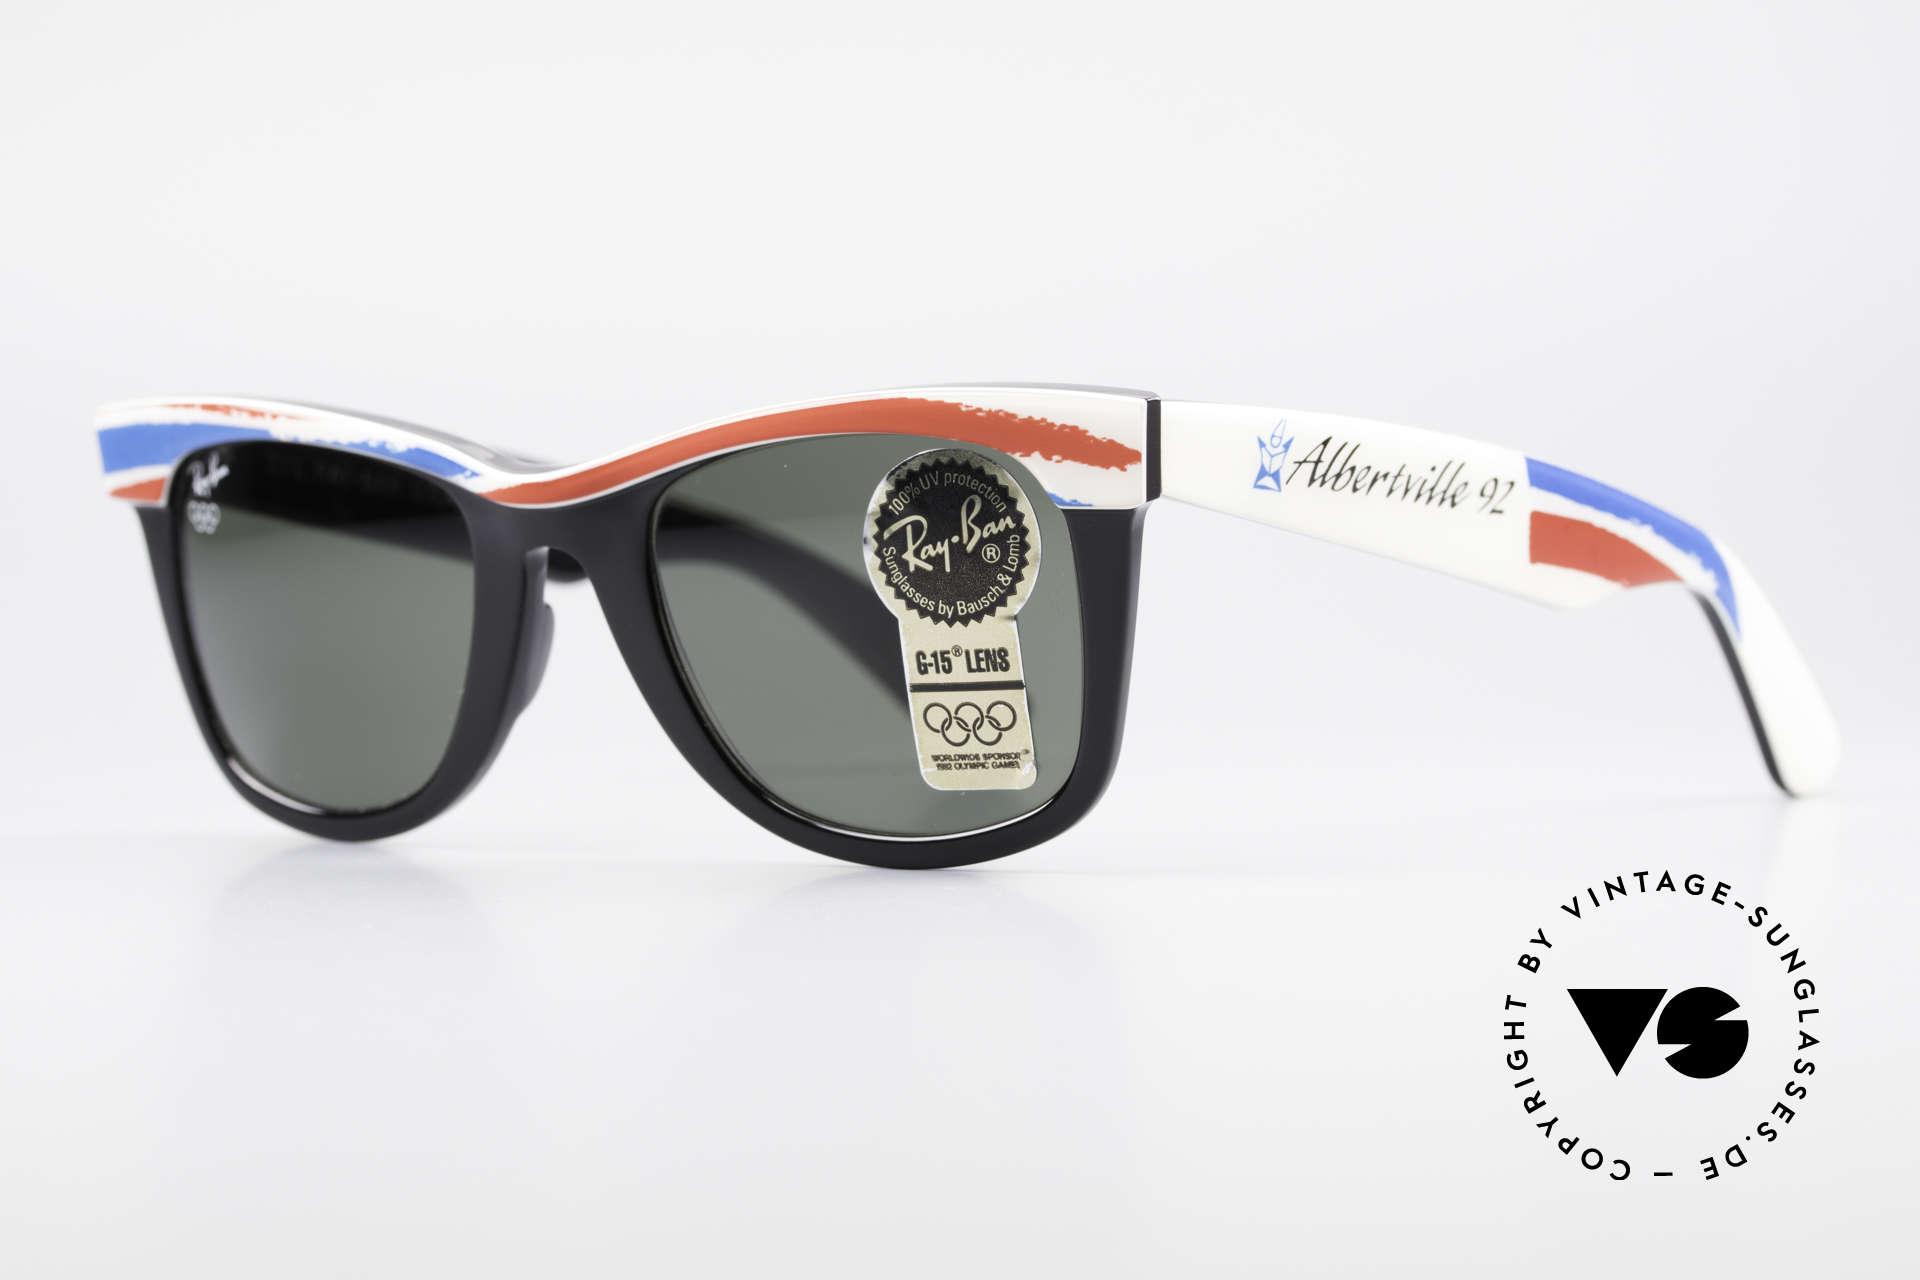 Ray Ban Wayfarer I Olympia 1992 Albertville, Bausch & Lomb Qualitätsgläser (100% UV-Schutz), Passend für Herren und Damen